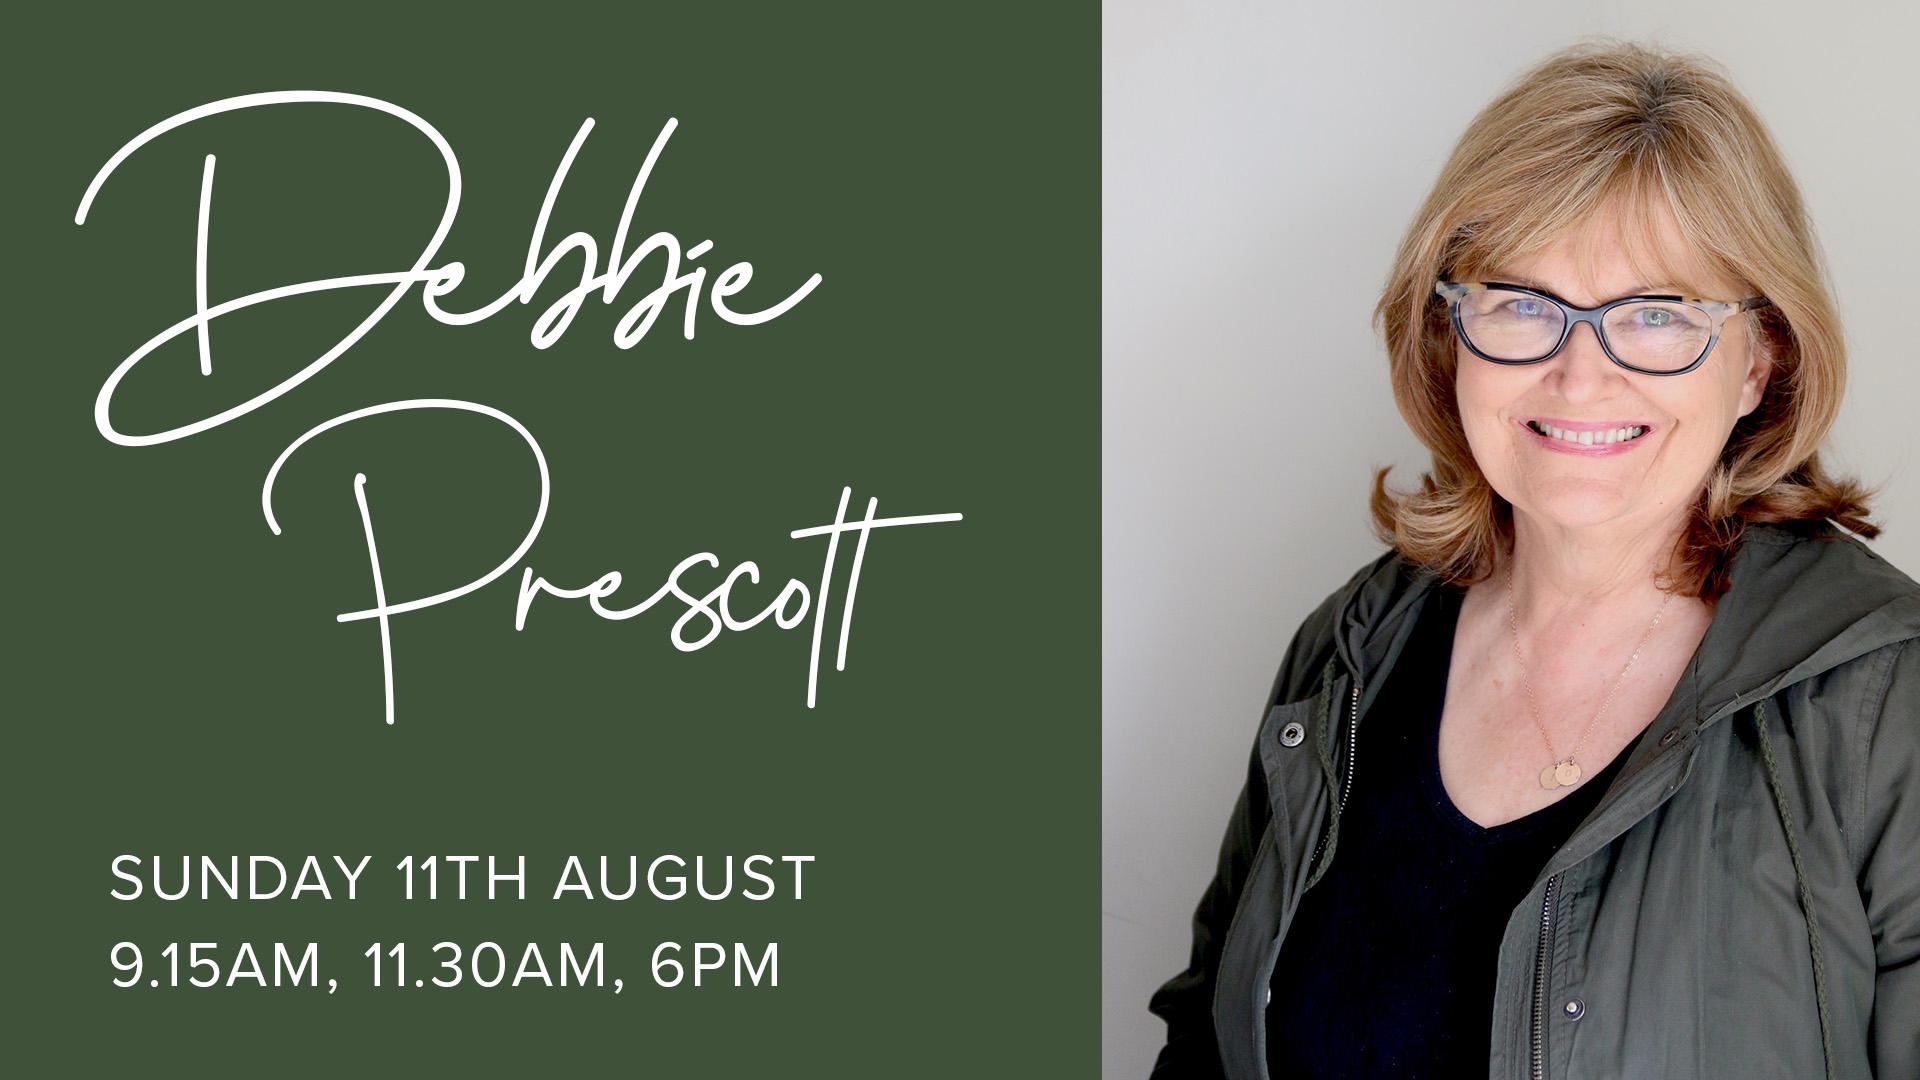 Debbie-Prescott-Foyer.jpg